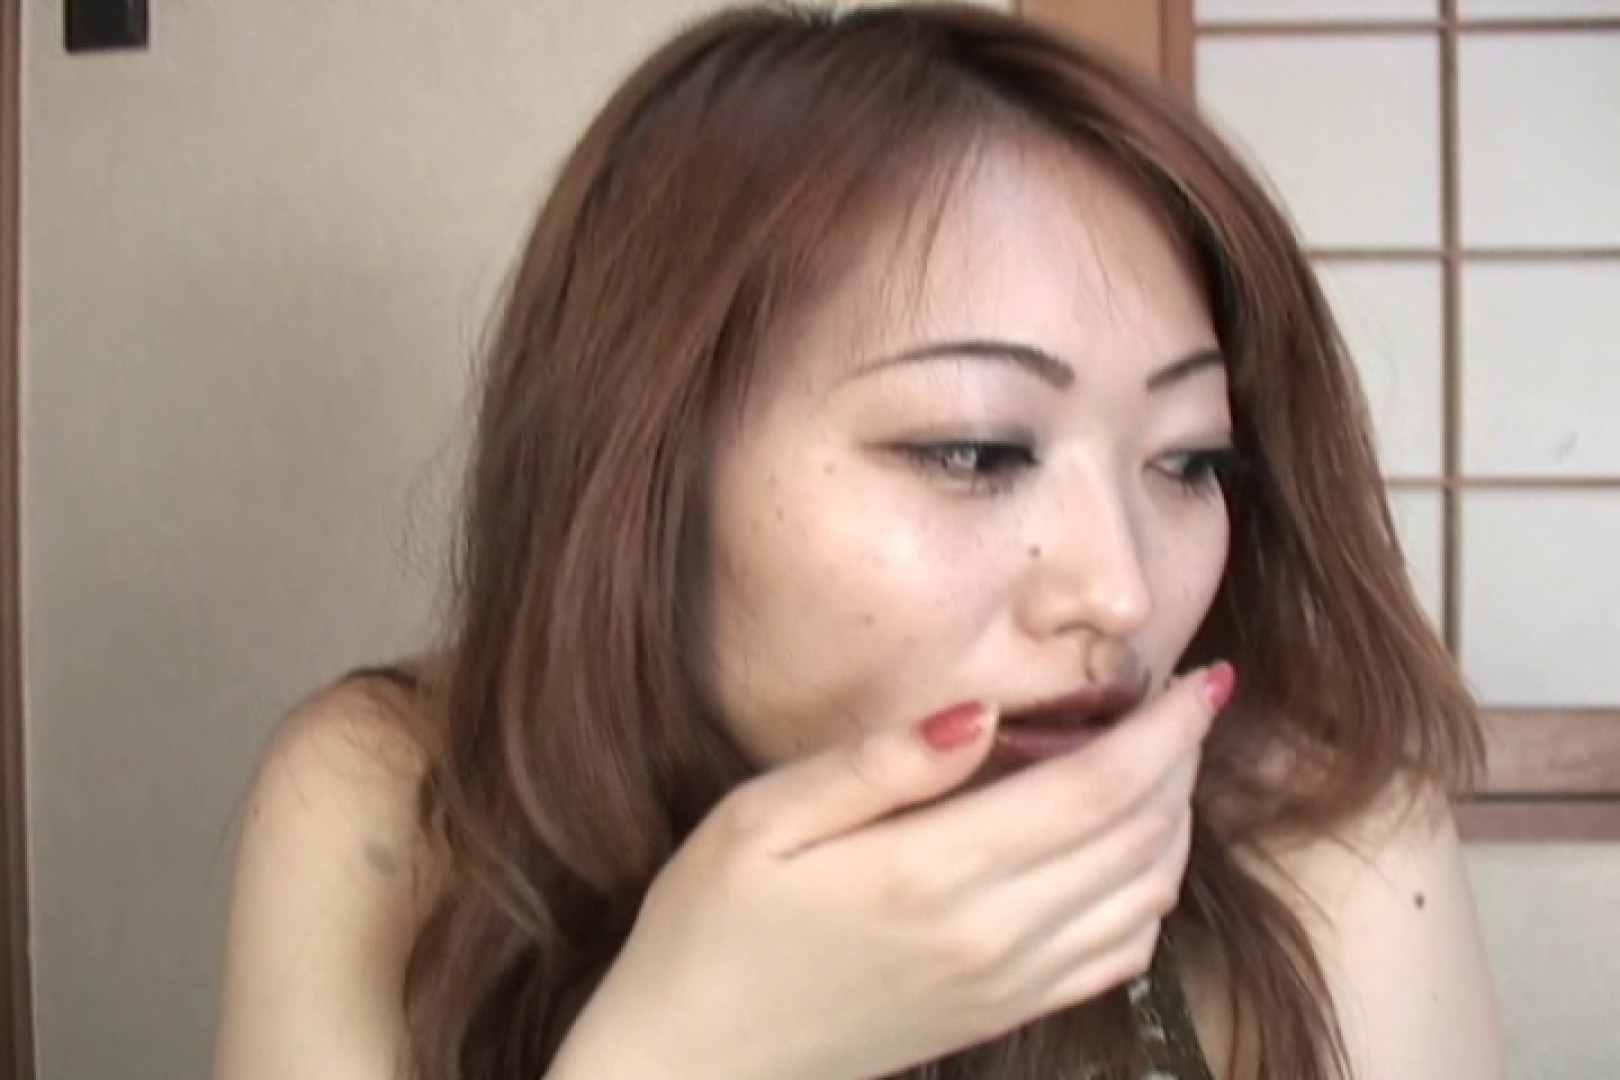 仕事で月200本のチンポを相手する22歳若人妻~桜井あい~ 人妻のエッチ | 熟女のエッチ  108pic 33